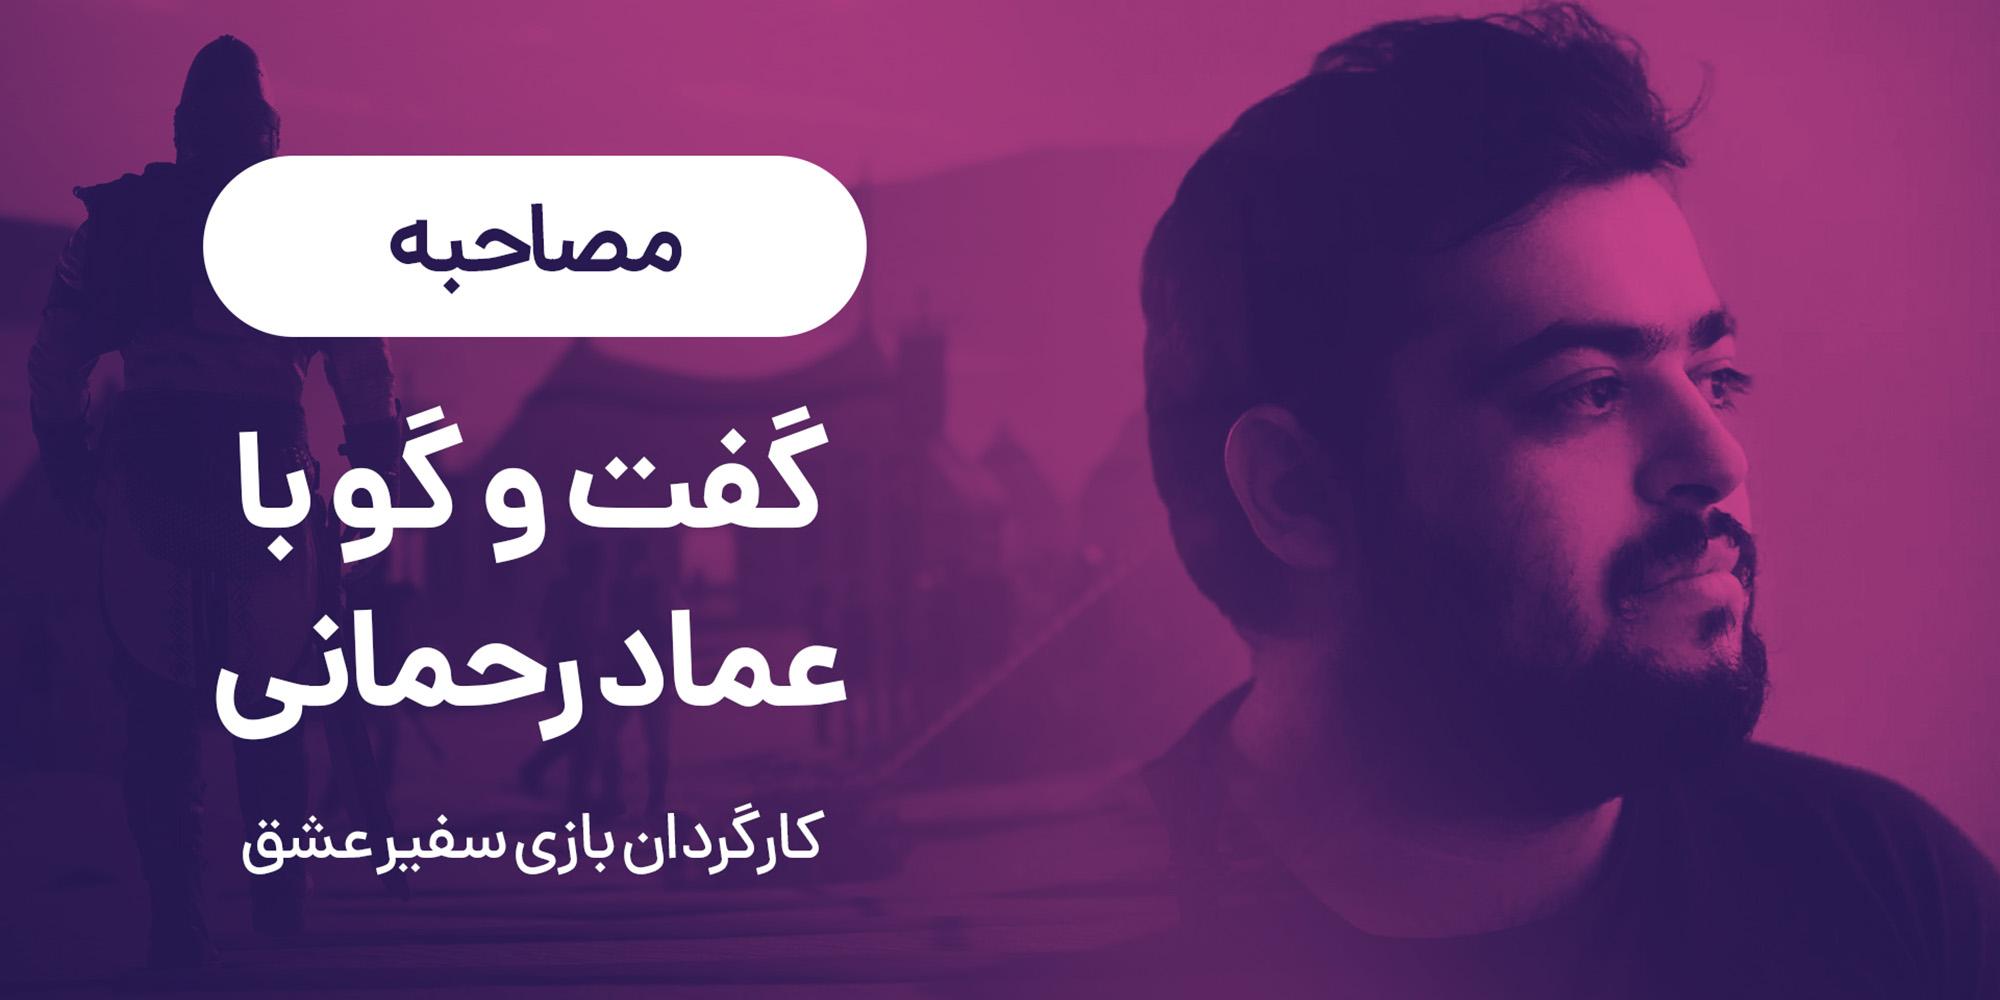 مصاحبه عماد رحمانی کارگردان سفیر عشق